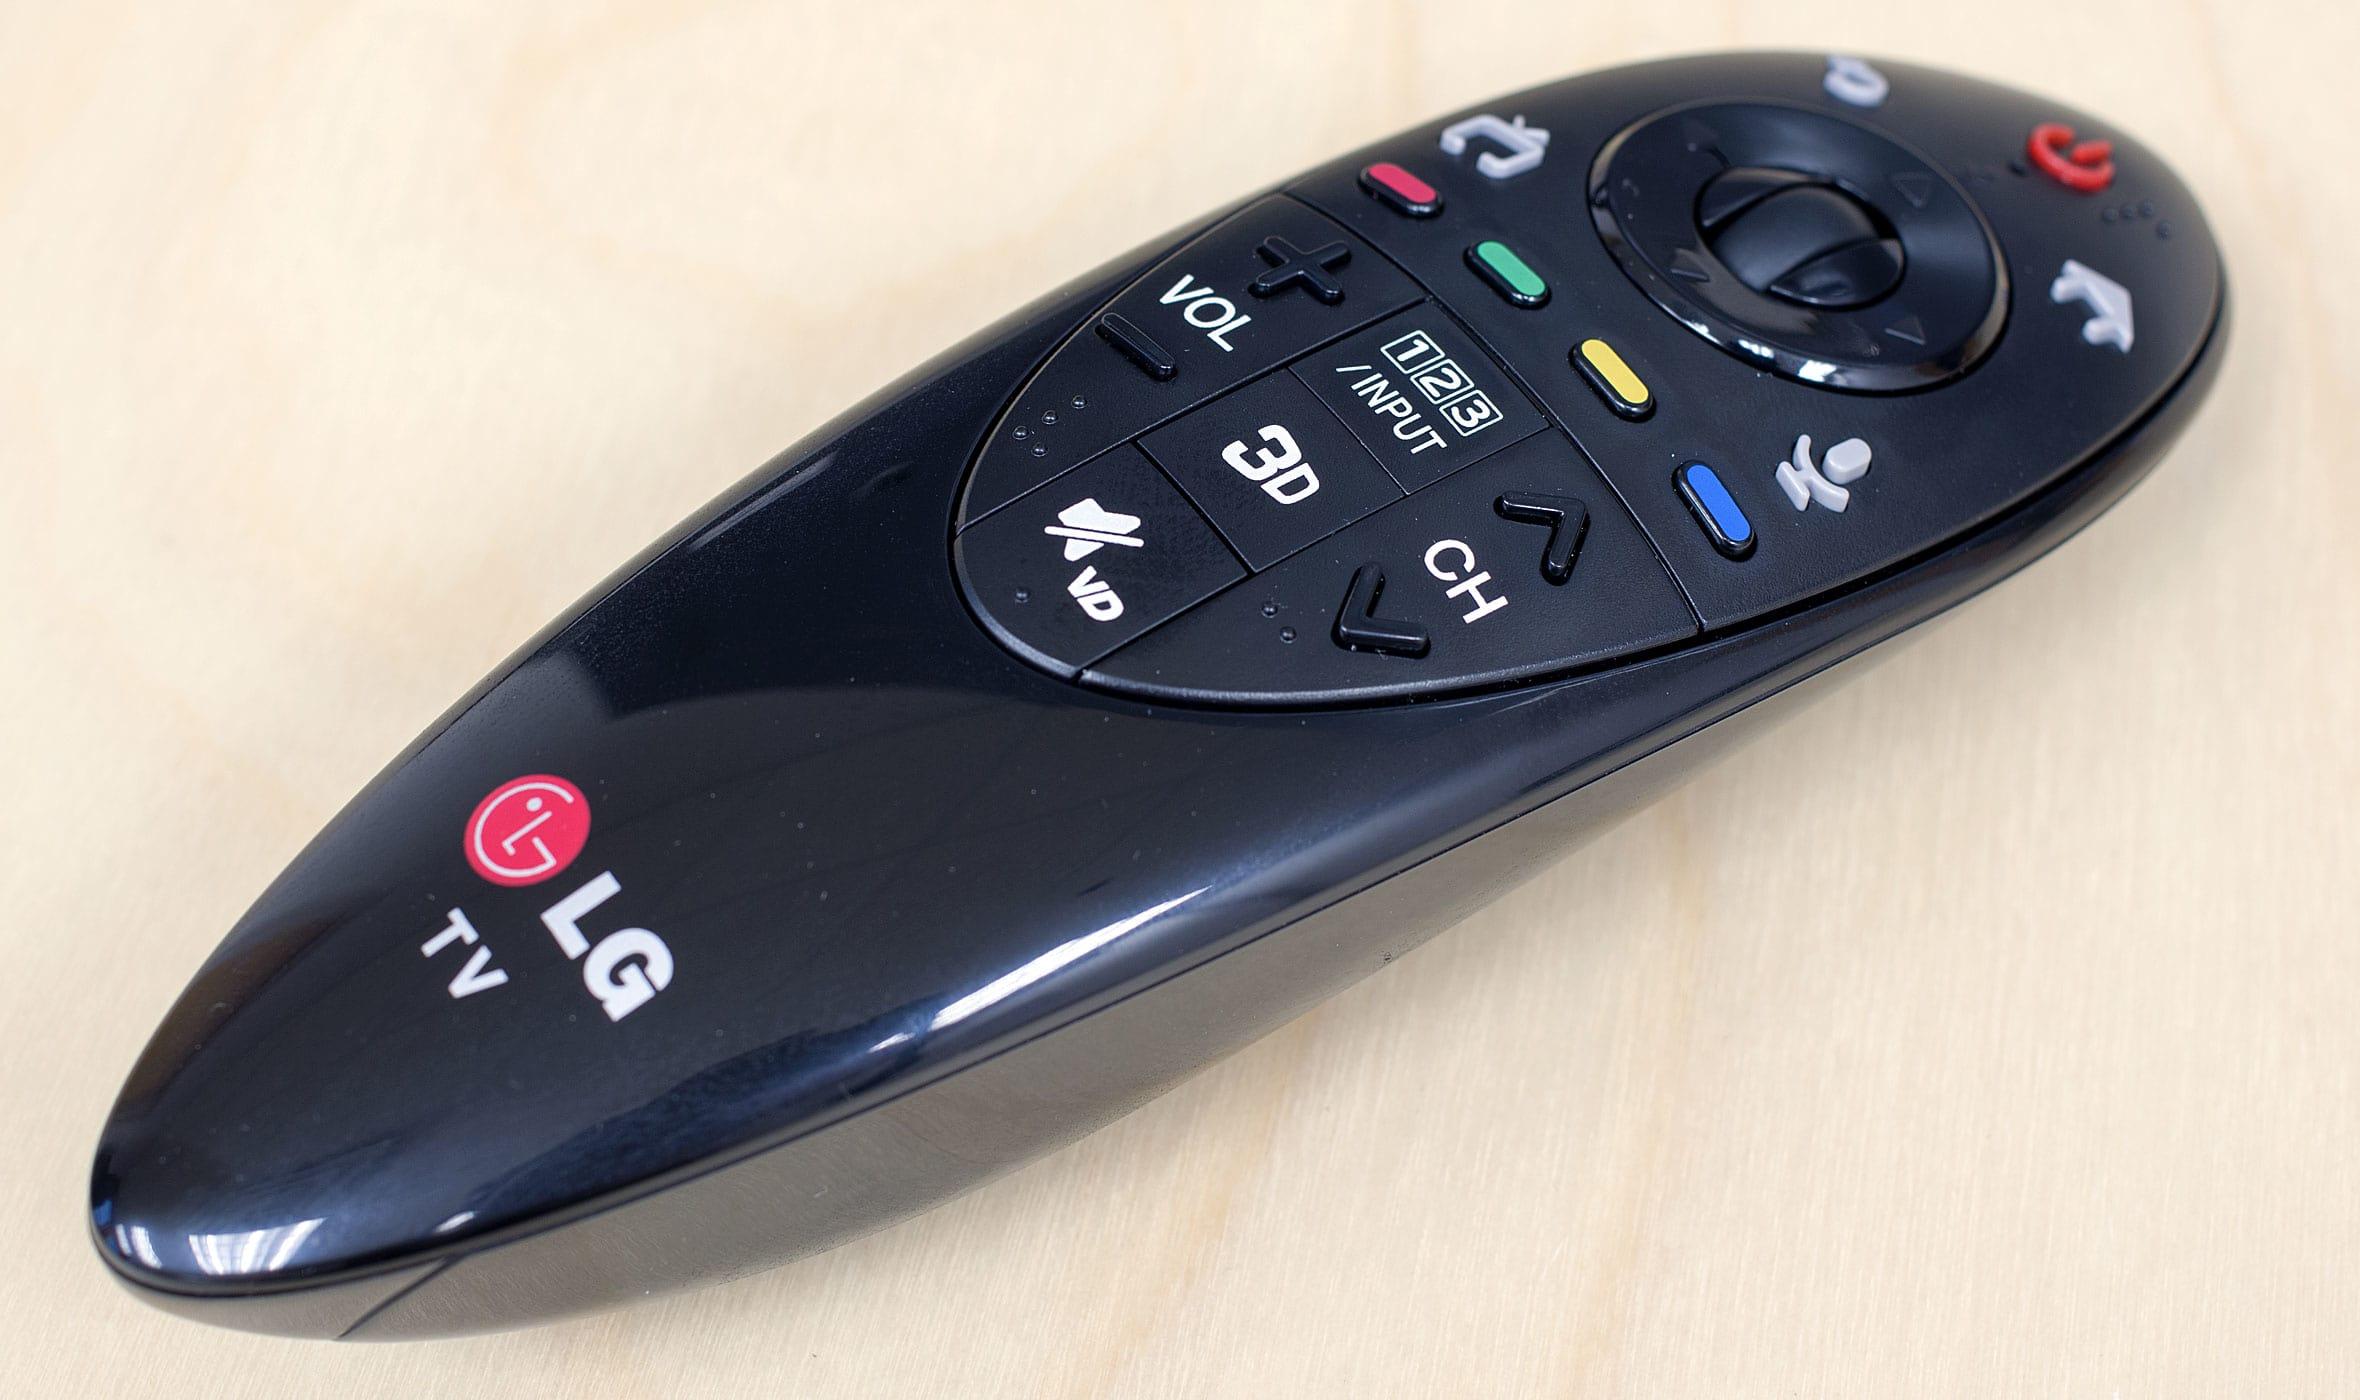 LG 60LB7100 magic remote